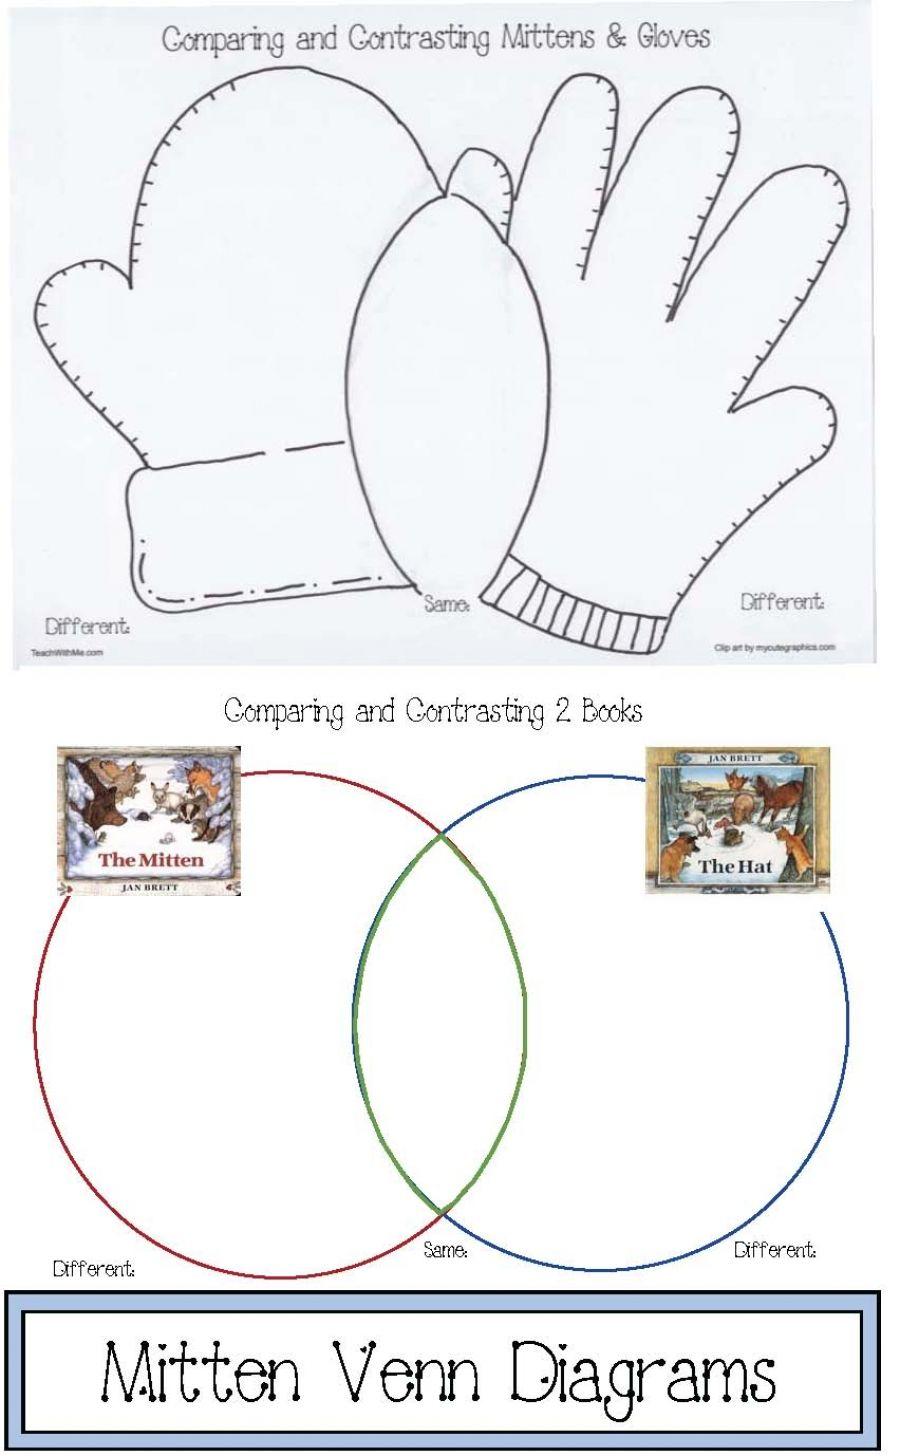 medium resolution of mitten venn diagrams